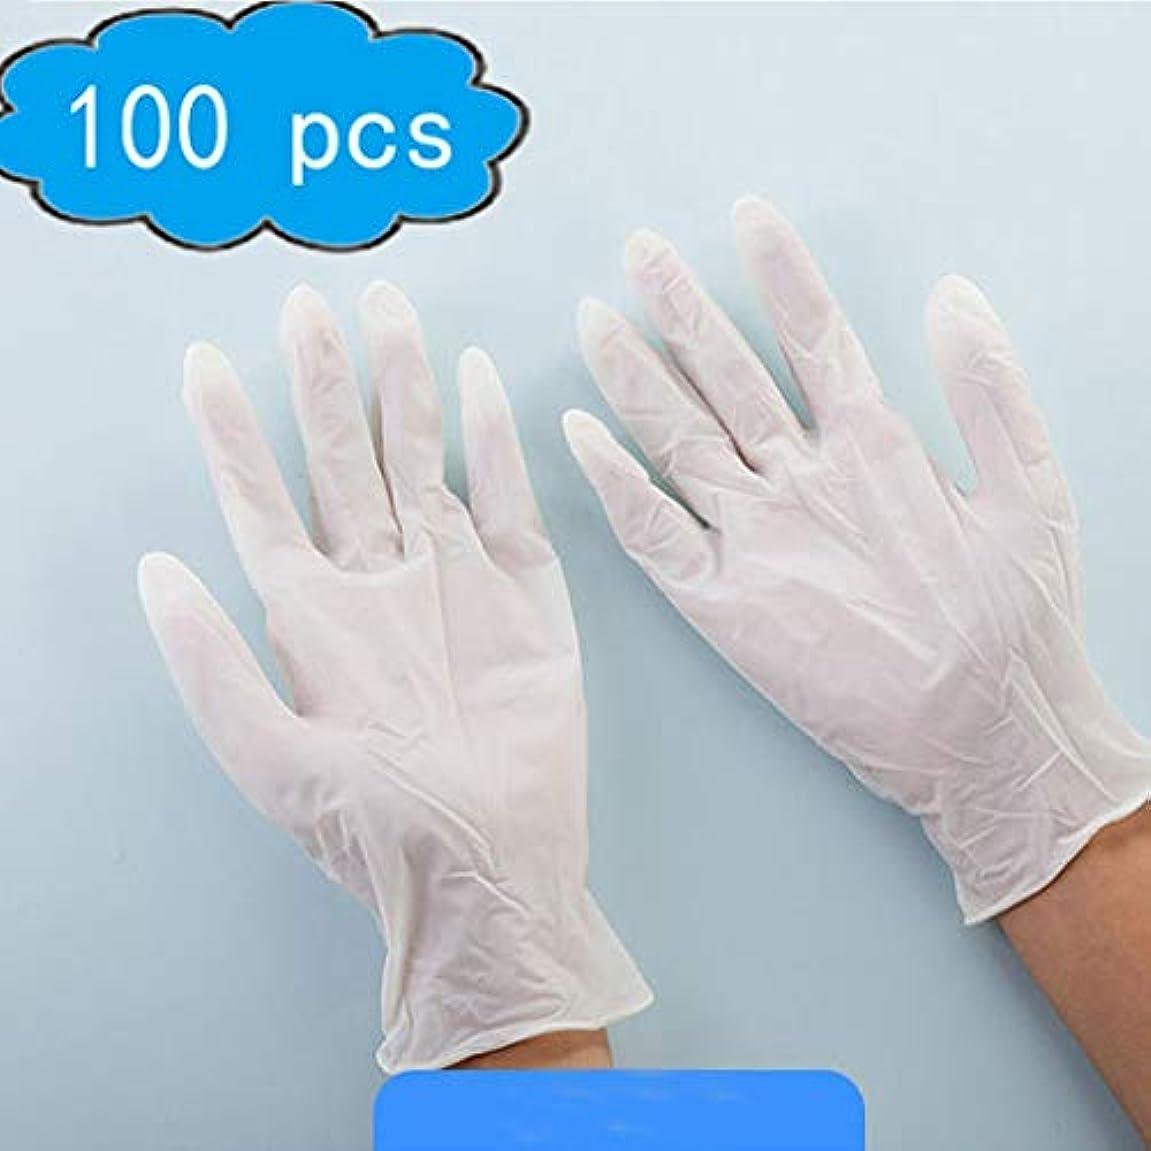 雇ったかんたんオズワルド使い捨て手袋、厚手版、白い粉のない使い捨てニトリル手袋[100パック] - 大、サニタリー手袋、応急処置用品 (Color : White, Size : S)